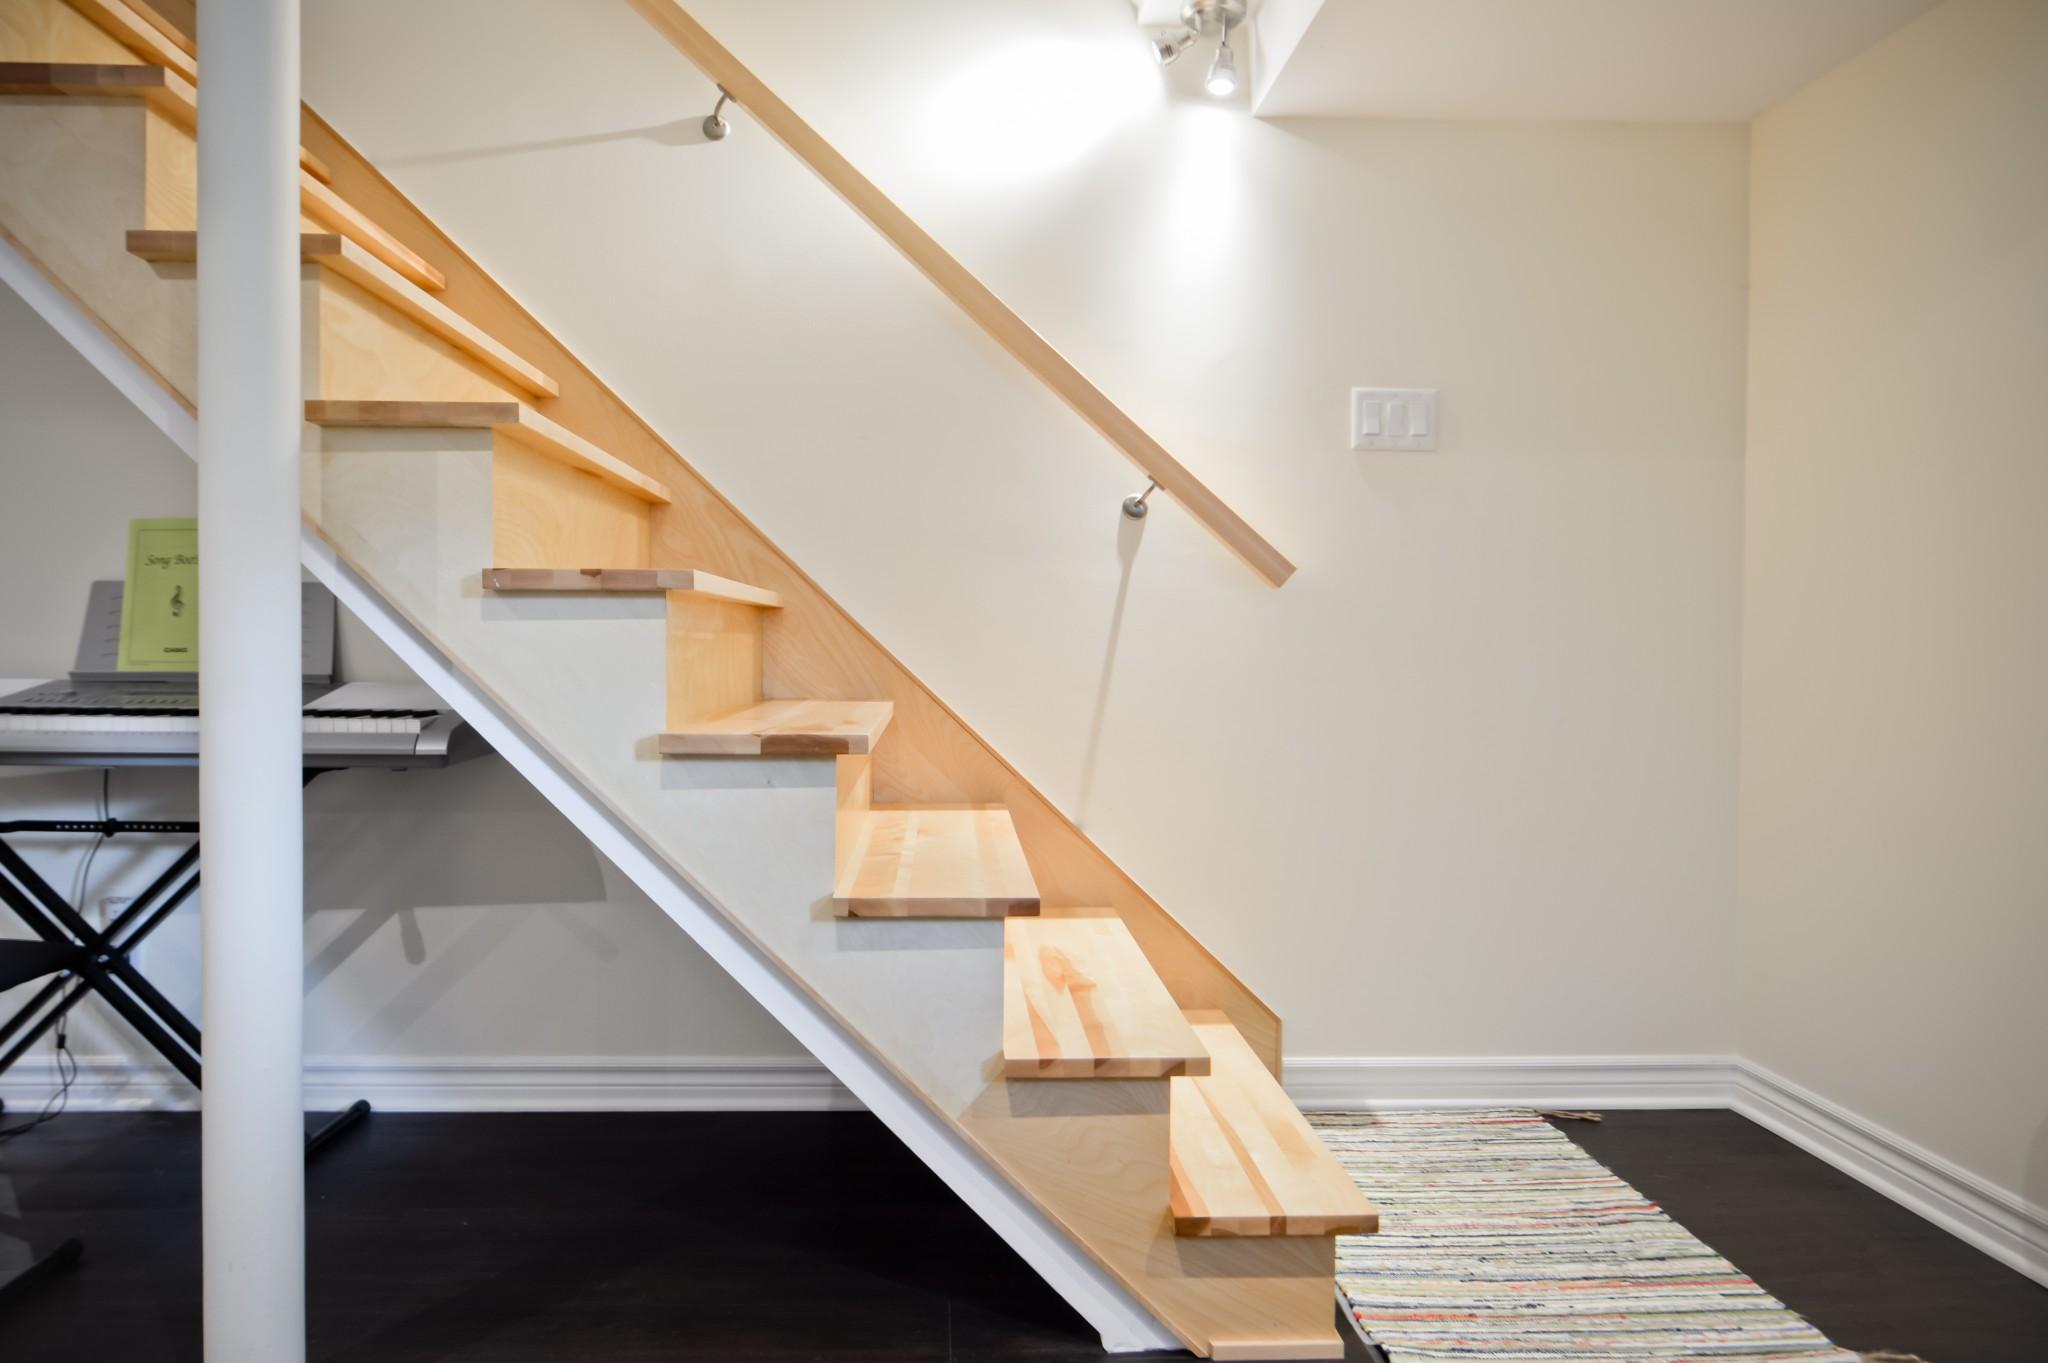 escalier de bois sous-sol